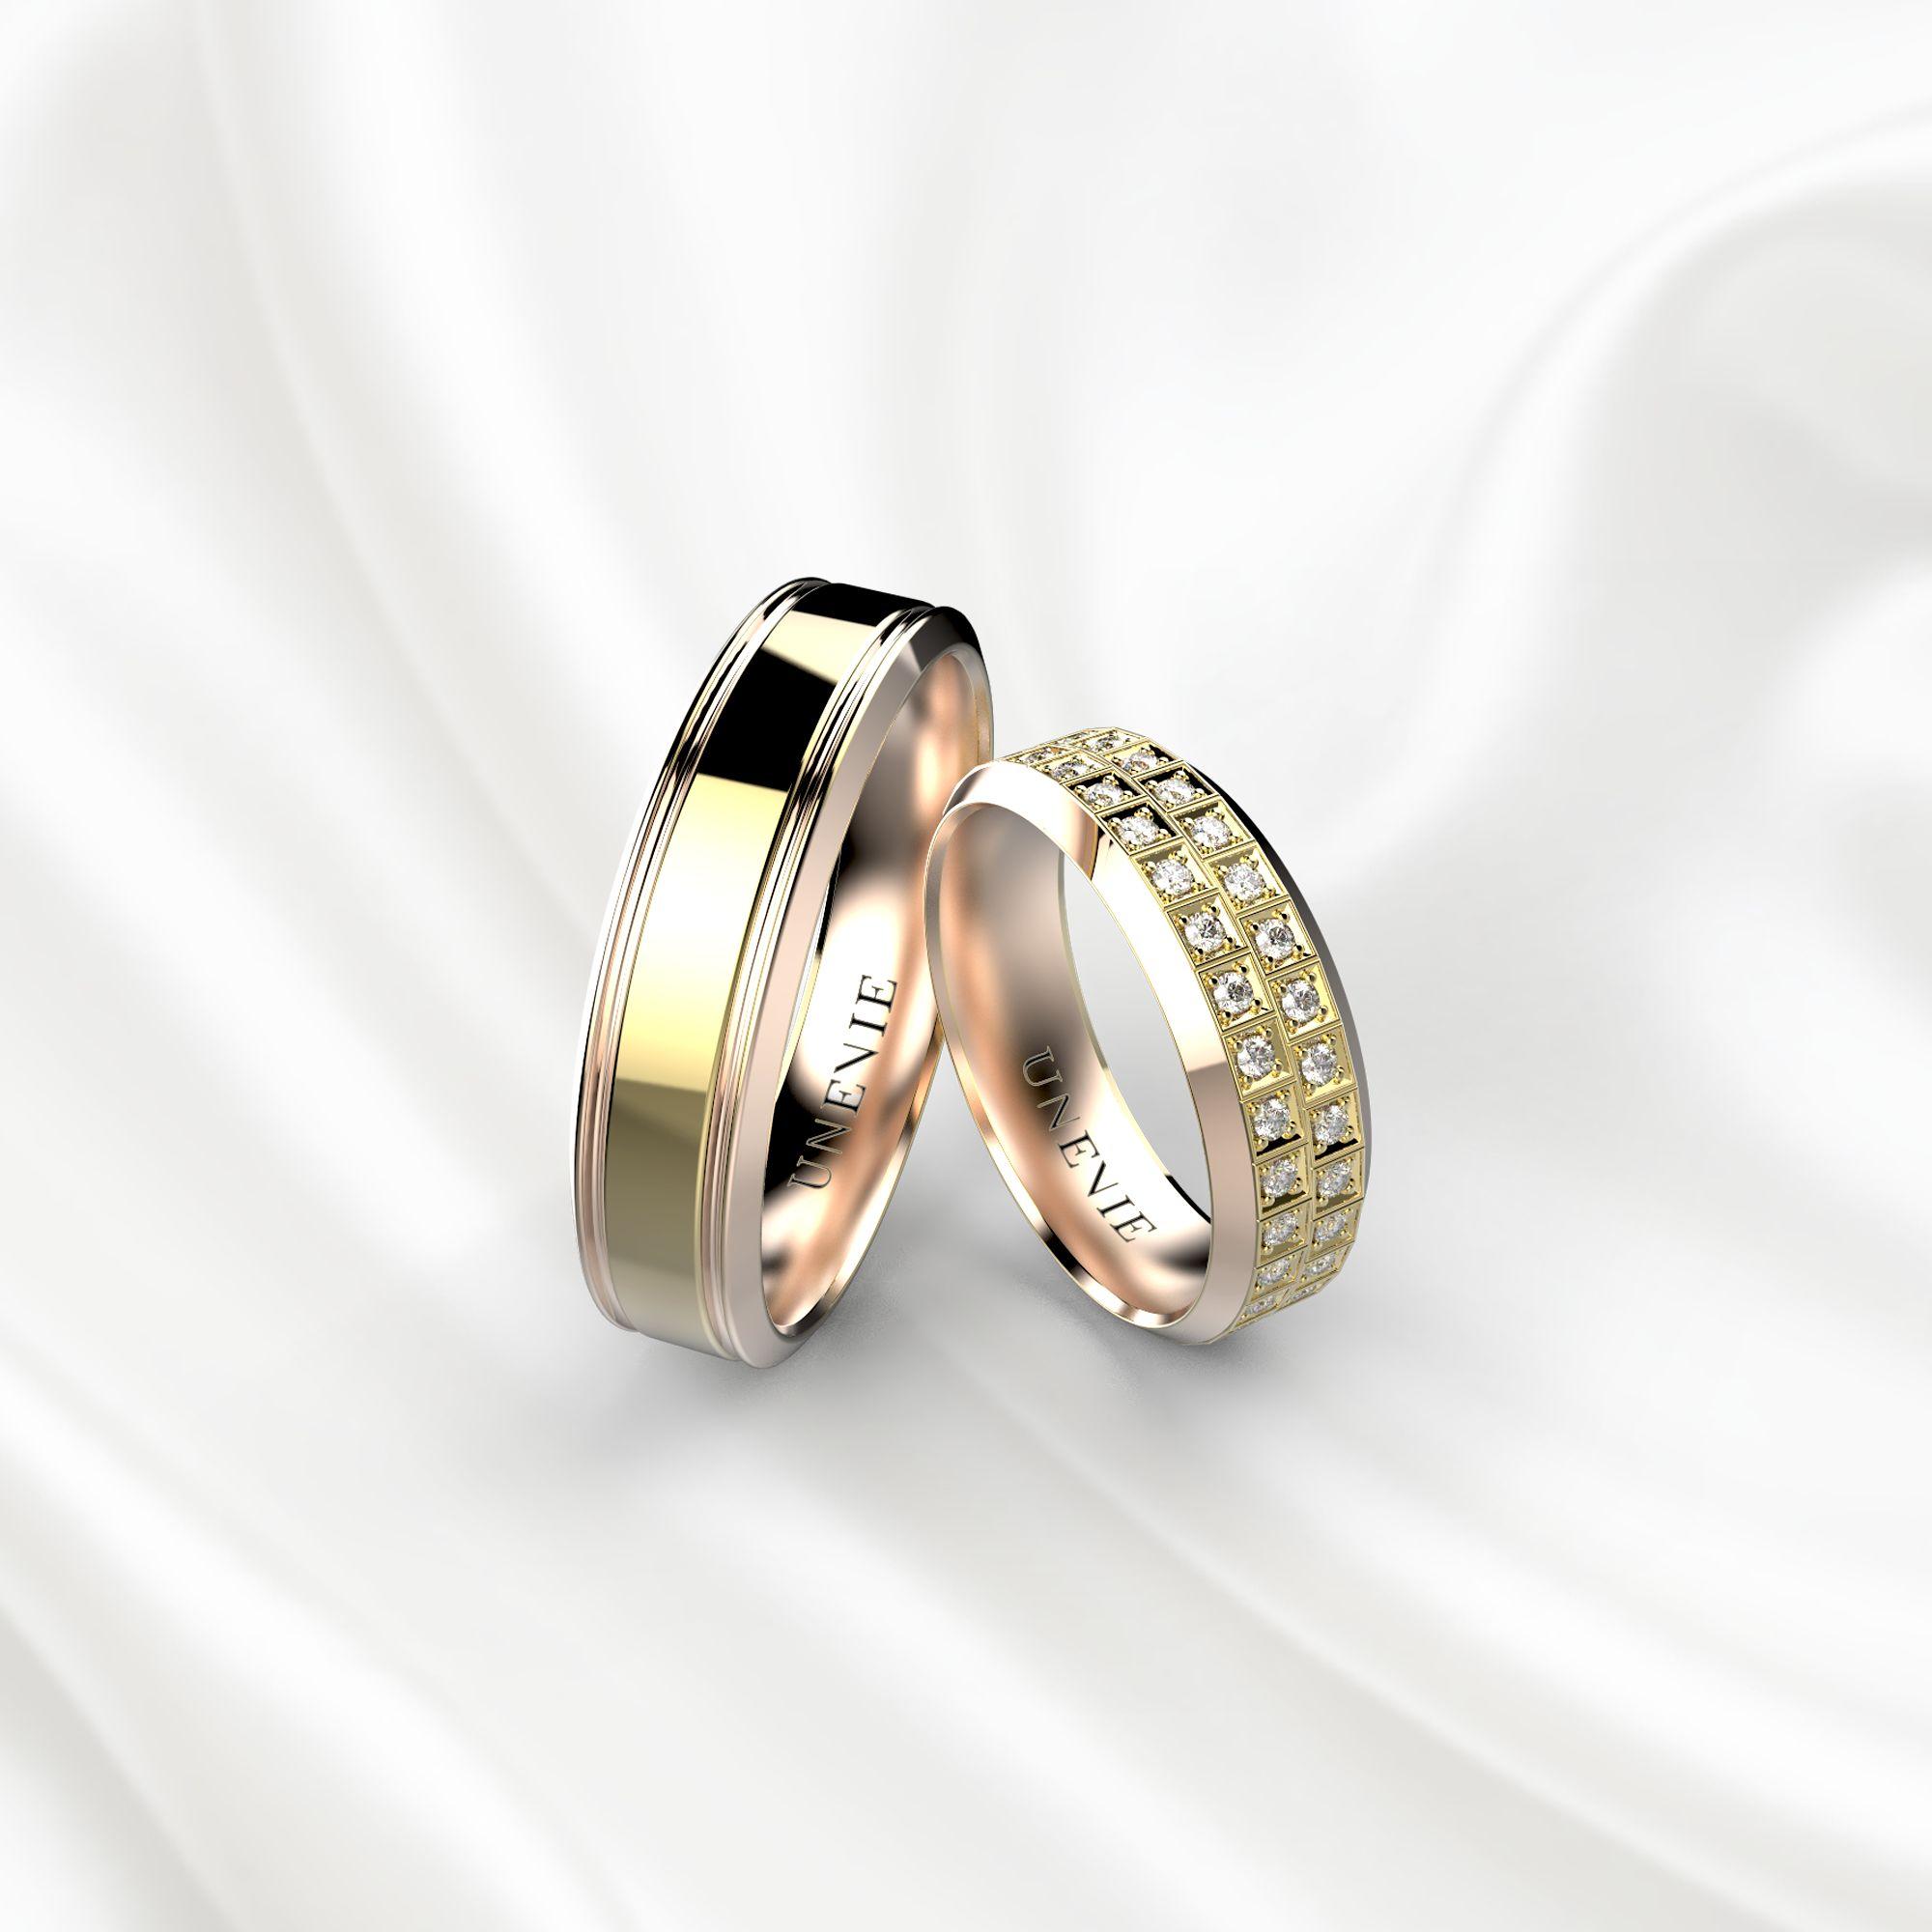 NV21 Обручальные кольца из розово-желтого золота